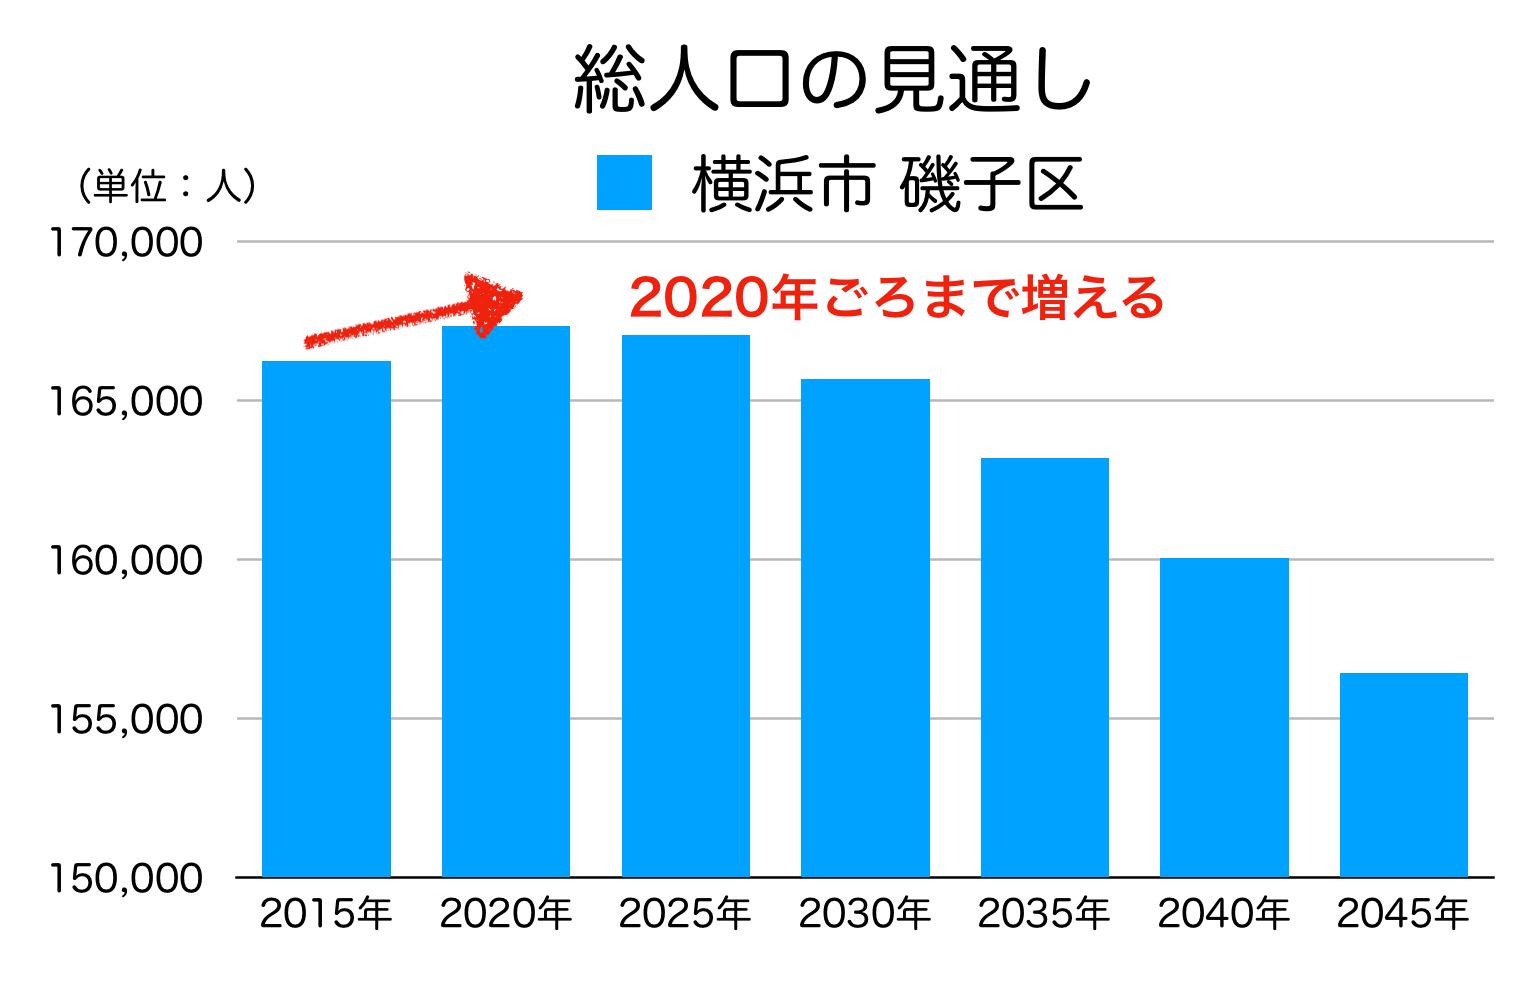 磯子区の人口予測